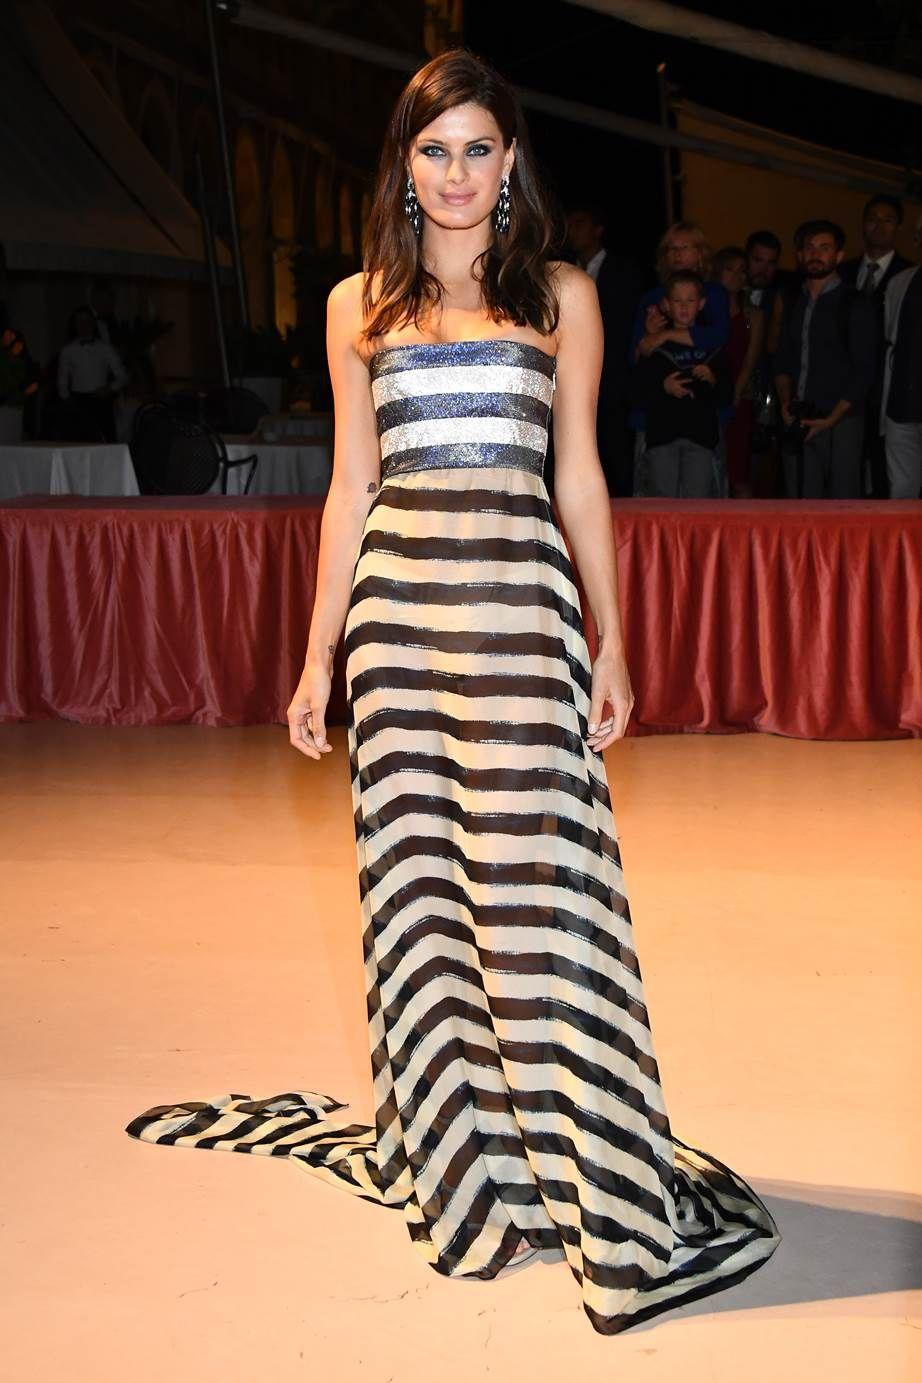 Розкішні сукні знаменитостей на відкритті Венеційського кінофестивалю-2017 - фото 336123